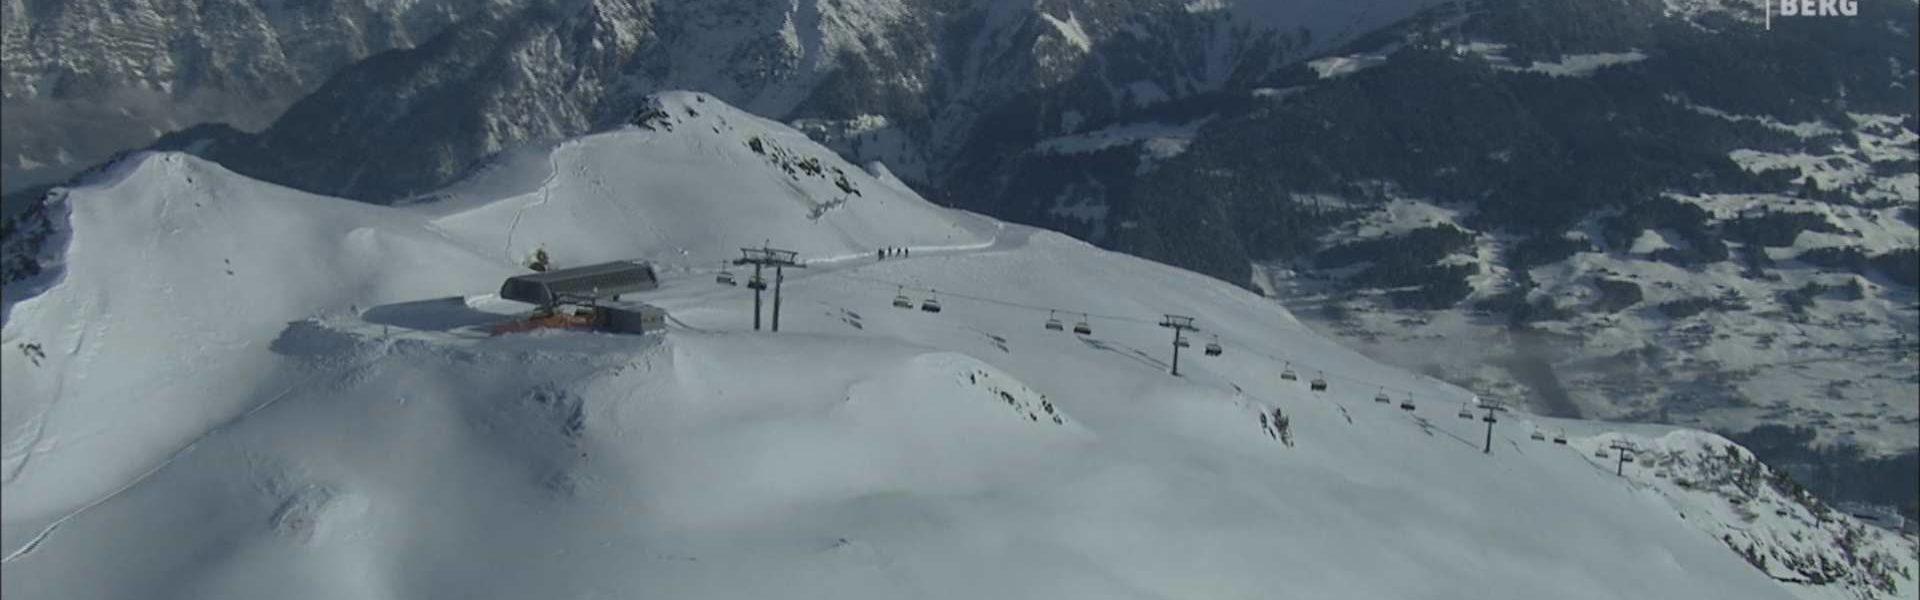 Vorarlberg von oben, Screenshot